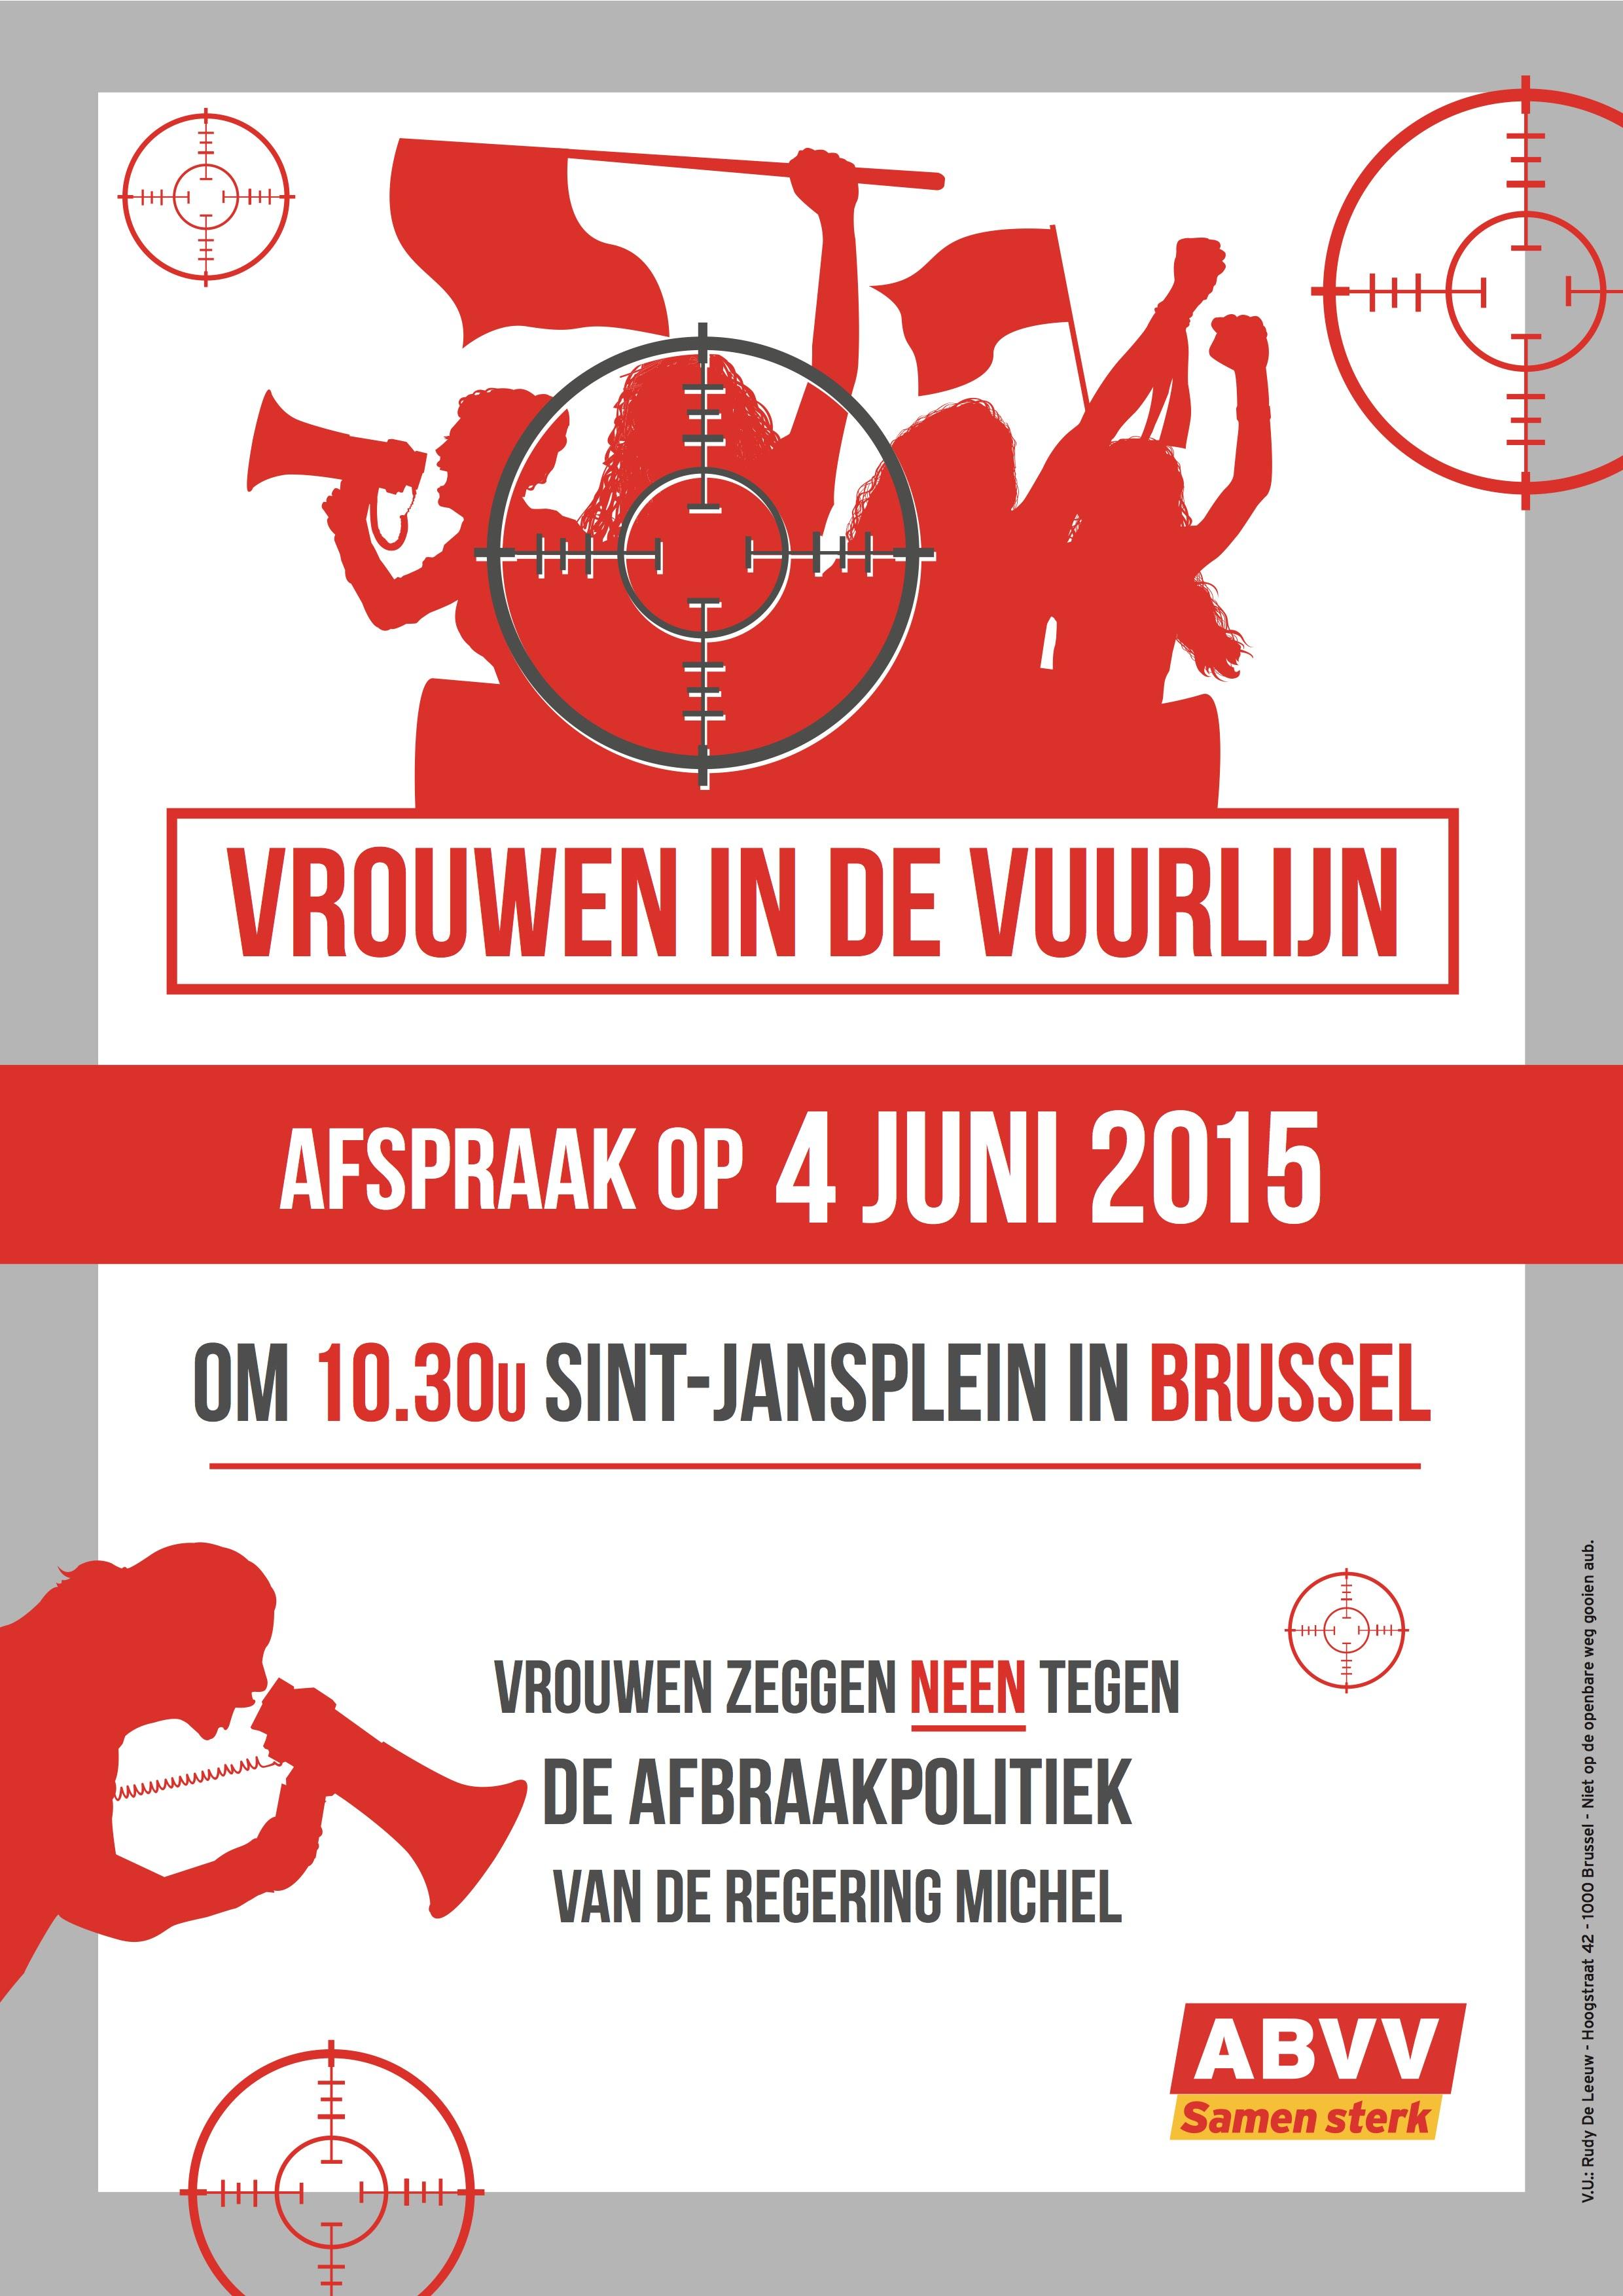 Affiche Vrouwenactie 04 06 15 NL